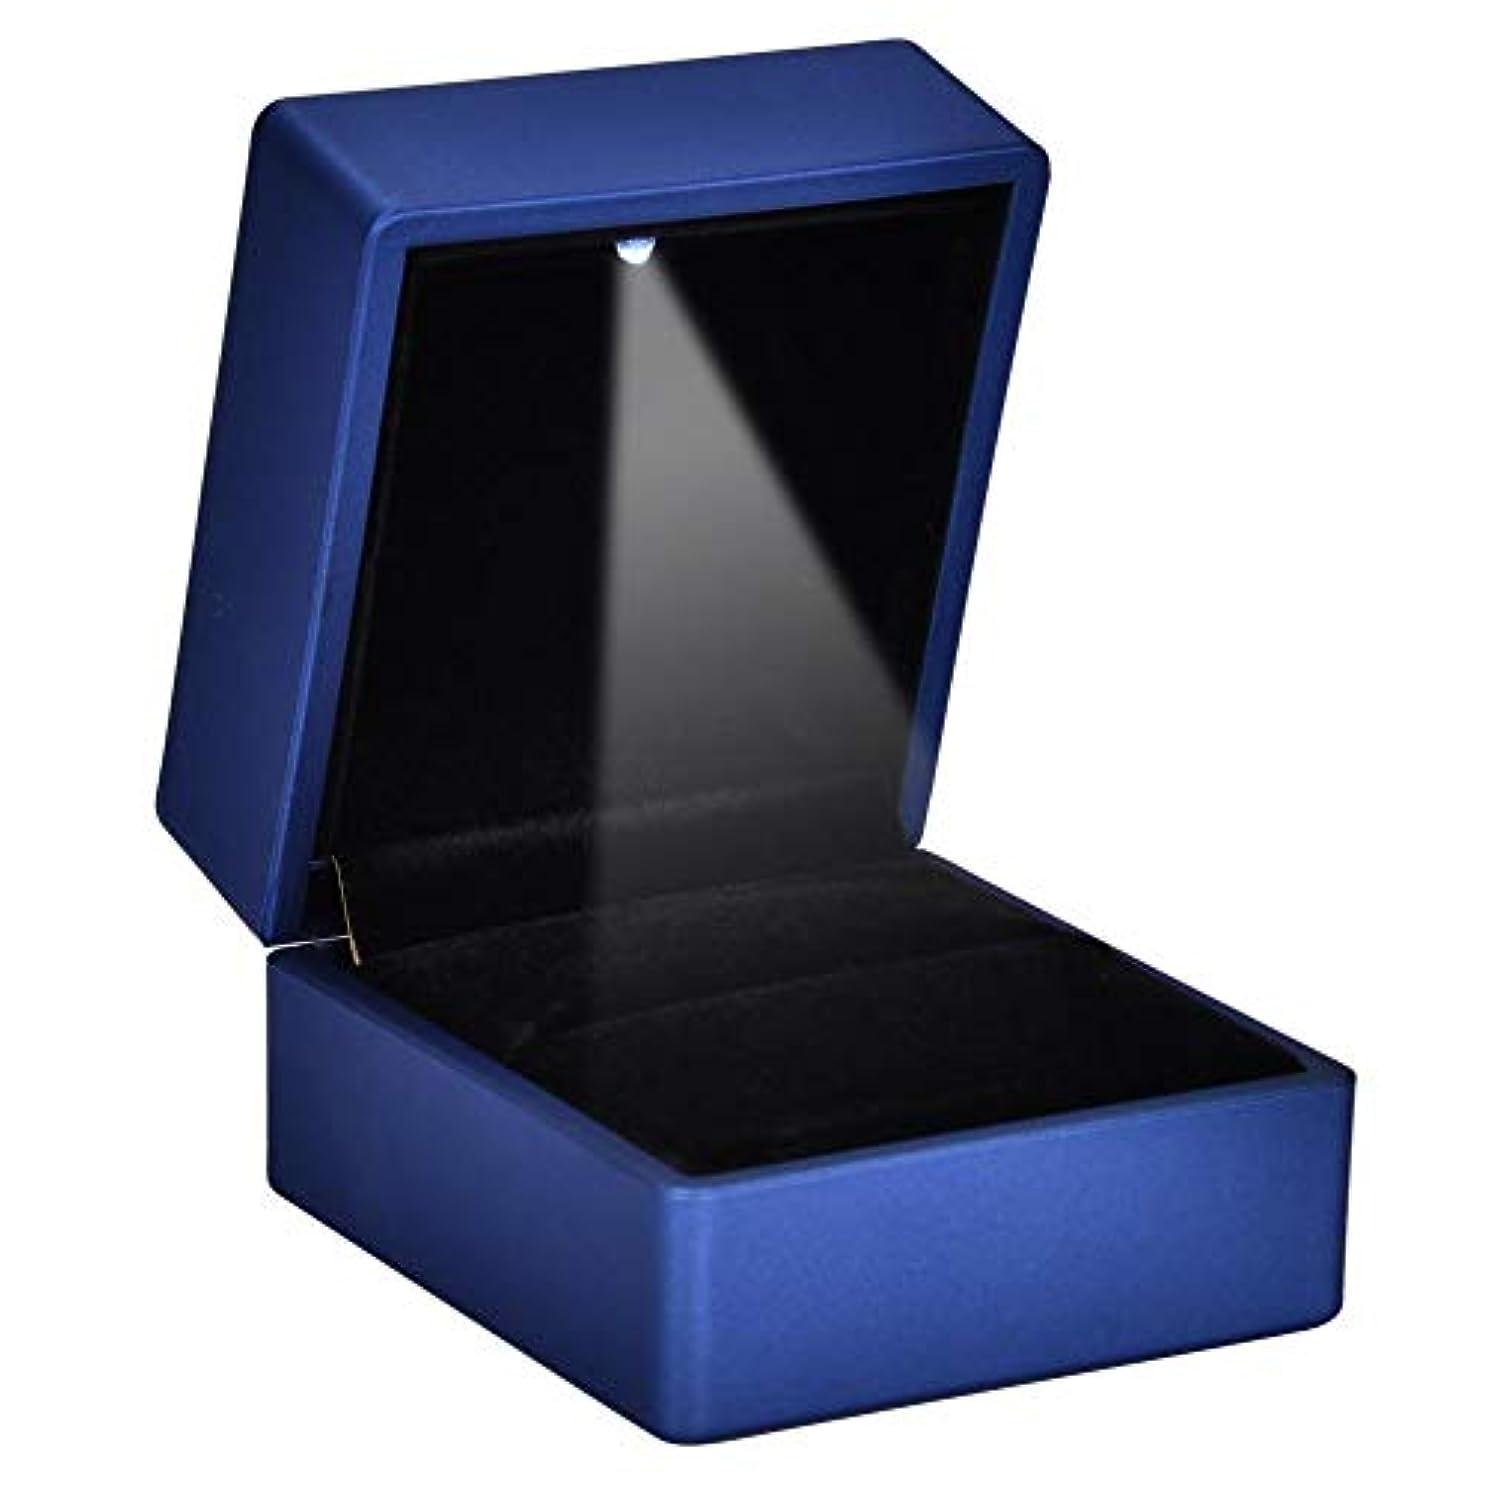 背が高い自己頑固な2種類ファッショナブルなLEDリングボックス - 内部LED照明付きリングケース、ジュエリーホルダーリング収納ケース、結婚式の提案(ブルー-90 * 70 * 35)